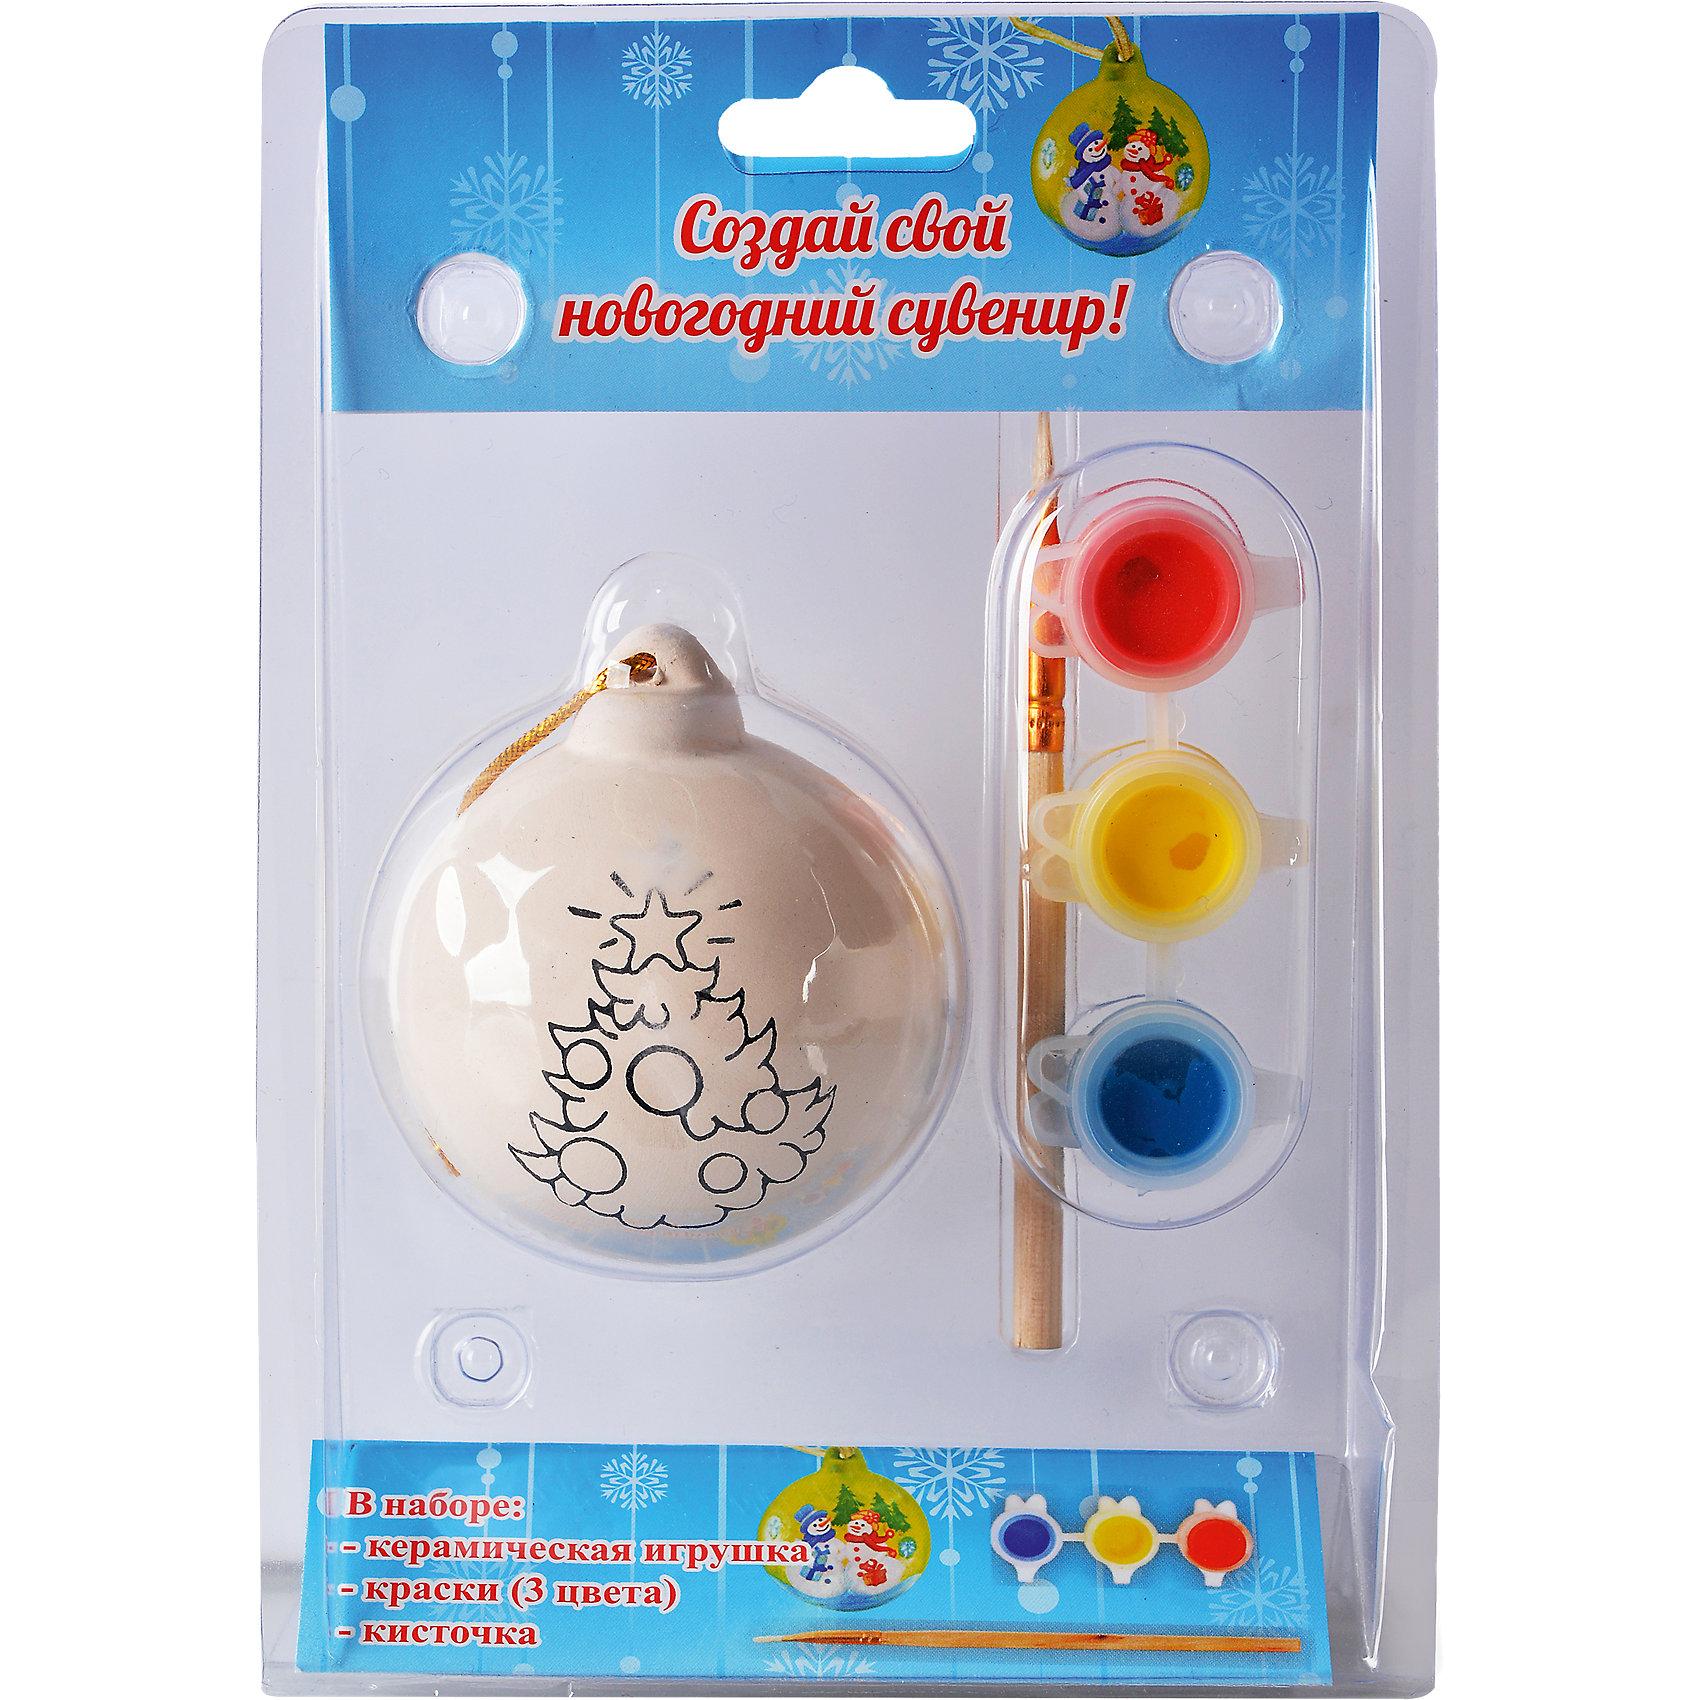 Керамический сувенир для раскрашивания Шар, в ассортиментеКерамический сувенир для раскрашивания Шар, Tukzar, станет приятным новогодним сюрпризом для Вашего ребенка. В комплект входит керамический шар для елки, который надо раскрасить понравившимися цветами, кисточка и краски. Готовая игрушка замечательно украсит Ваш новогодний интерьер и поможет создать праздничную волшебную атмосферу. В ассортименте представлены 3 варианта набора с разным дизайном шаров.<br><br>Дополнительная информация:<br><br>- Материал: керамика.<br>- В комплекте: шар для раскрашивания, кисточка, краски.<br>- Размер упаковки: 17 х 12 х 5 см.<br>- Вес: 0,125 кг. <br><br>Керамический сувенир для раскрашивания Шар, Tukzar, можно купить в нашем интернет-магазине.<br><br>ВНИМАНИЕ! Данный артикул имеется в наличии в разных вариантах исполнения. Заранее выбрать определенный вариант нельзя. При заказе нескольких наборов возможно получение одинаковых.<br><br>Ширина мм: 170<br>Глубина мм: 120<br>Высота мм: 50<br>Вес г: 125<br>Возраст от месяцев: 36<br>Возраст до месяцев: 144<br>Пол: Унисекс<br>Возраст: Детский<br>SKU: 4188606